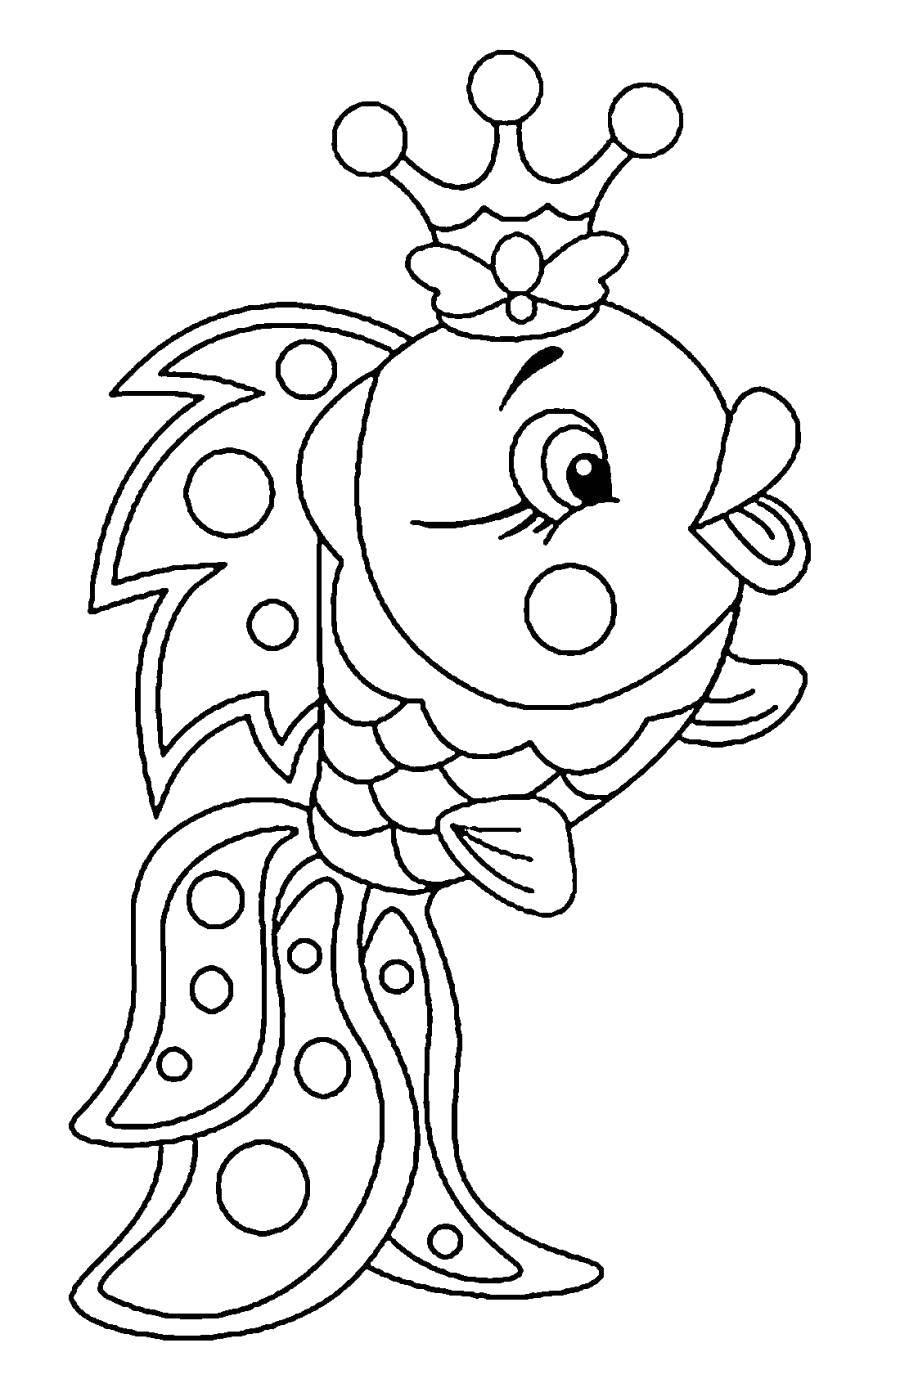 Раскраска Золотая рыбка в короне Скачать Подводный мир, золотая рыбка.  Распечатать ,золотая рыбка,